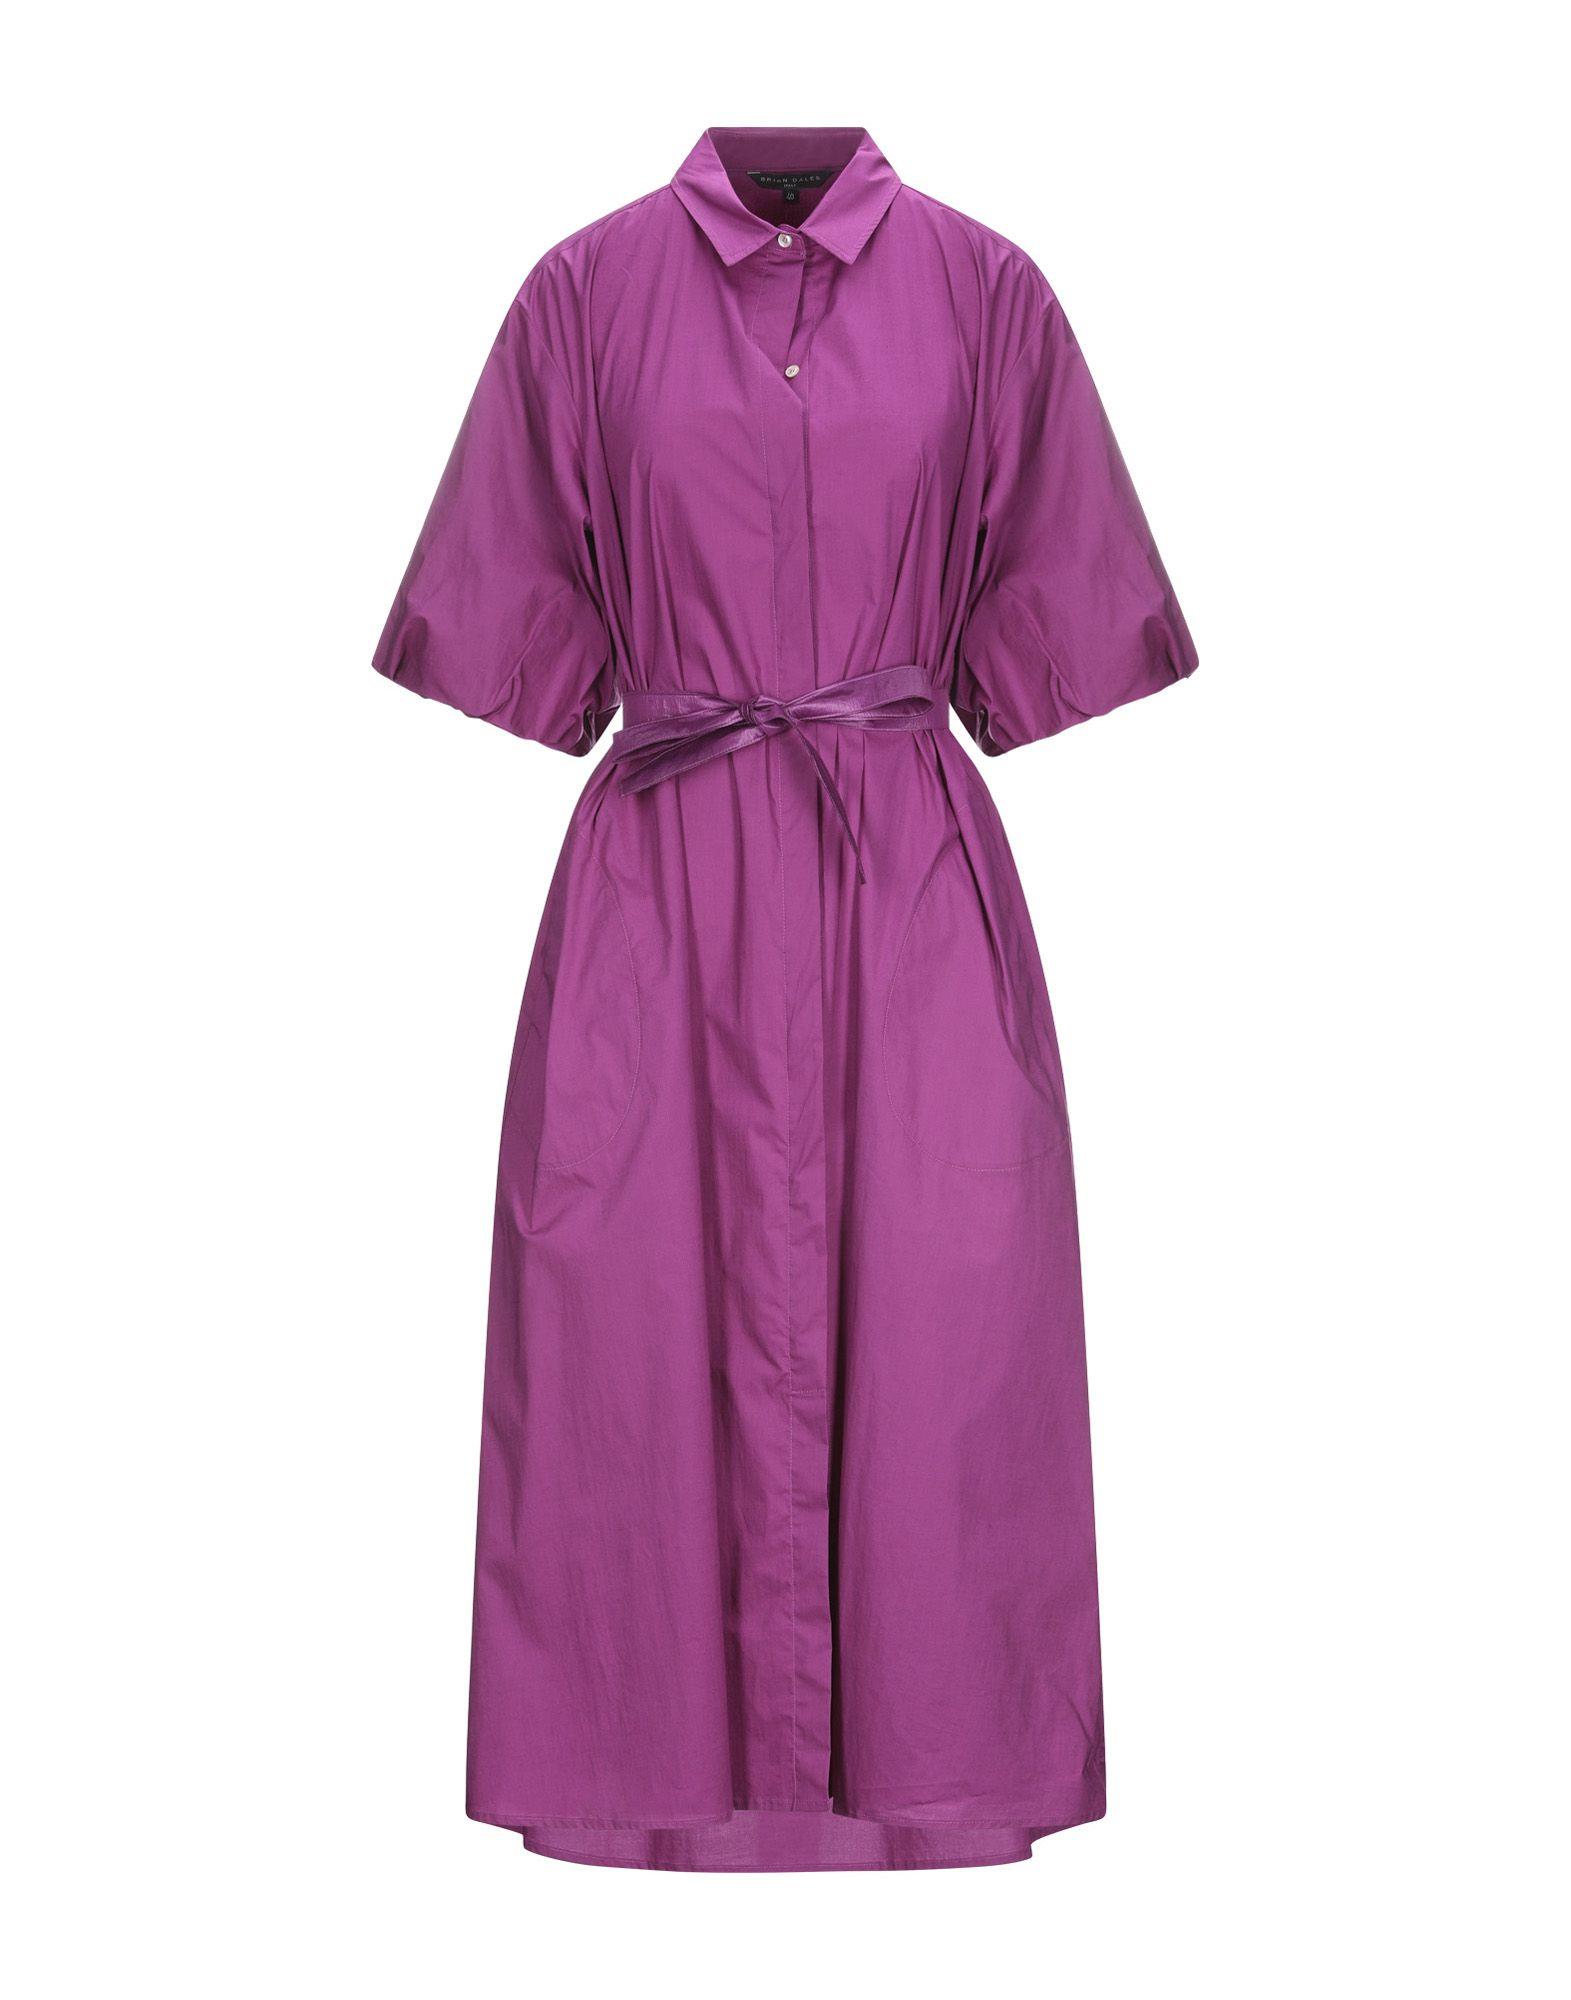 BRIAN DALES Платье длиной 3/4 vionnet платье длиной 3 4